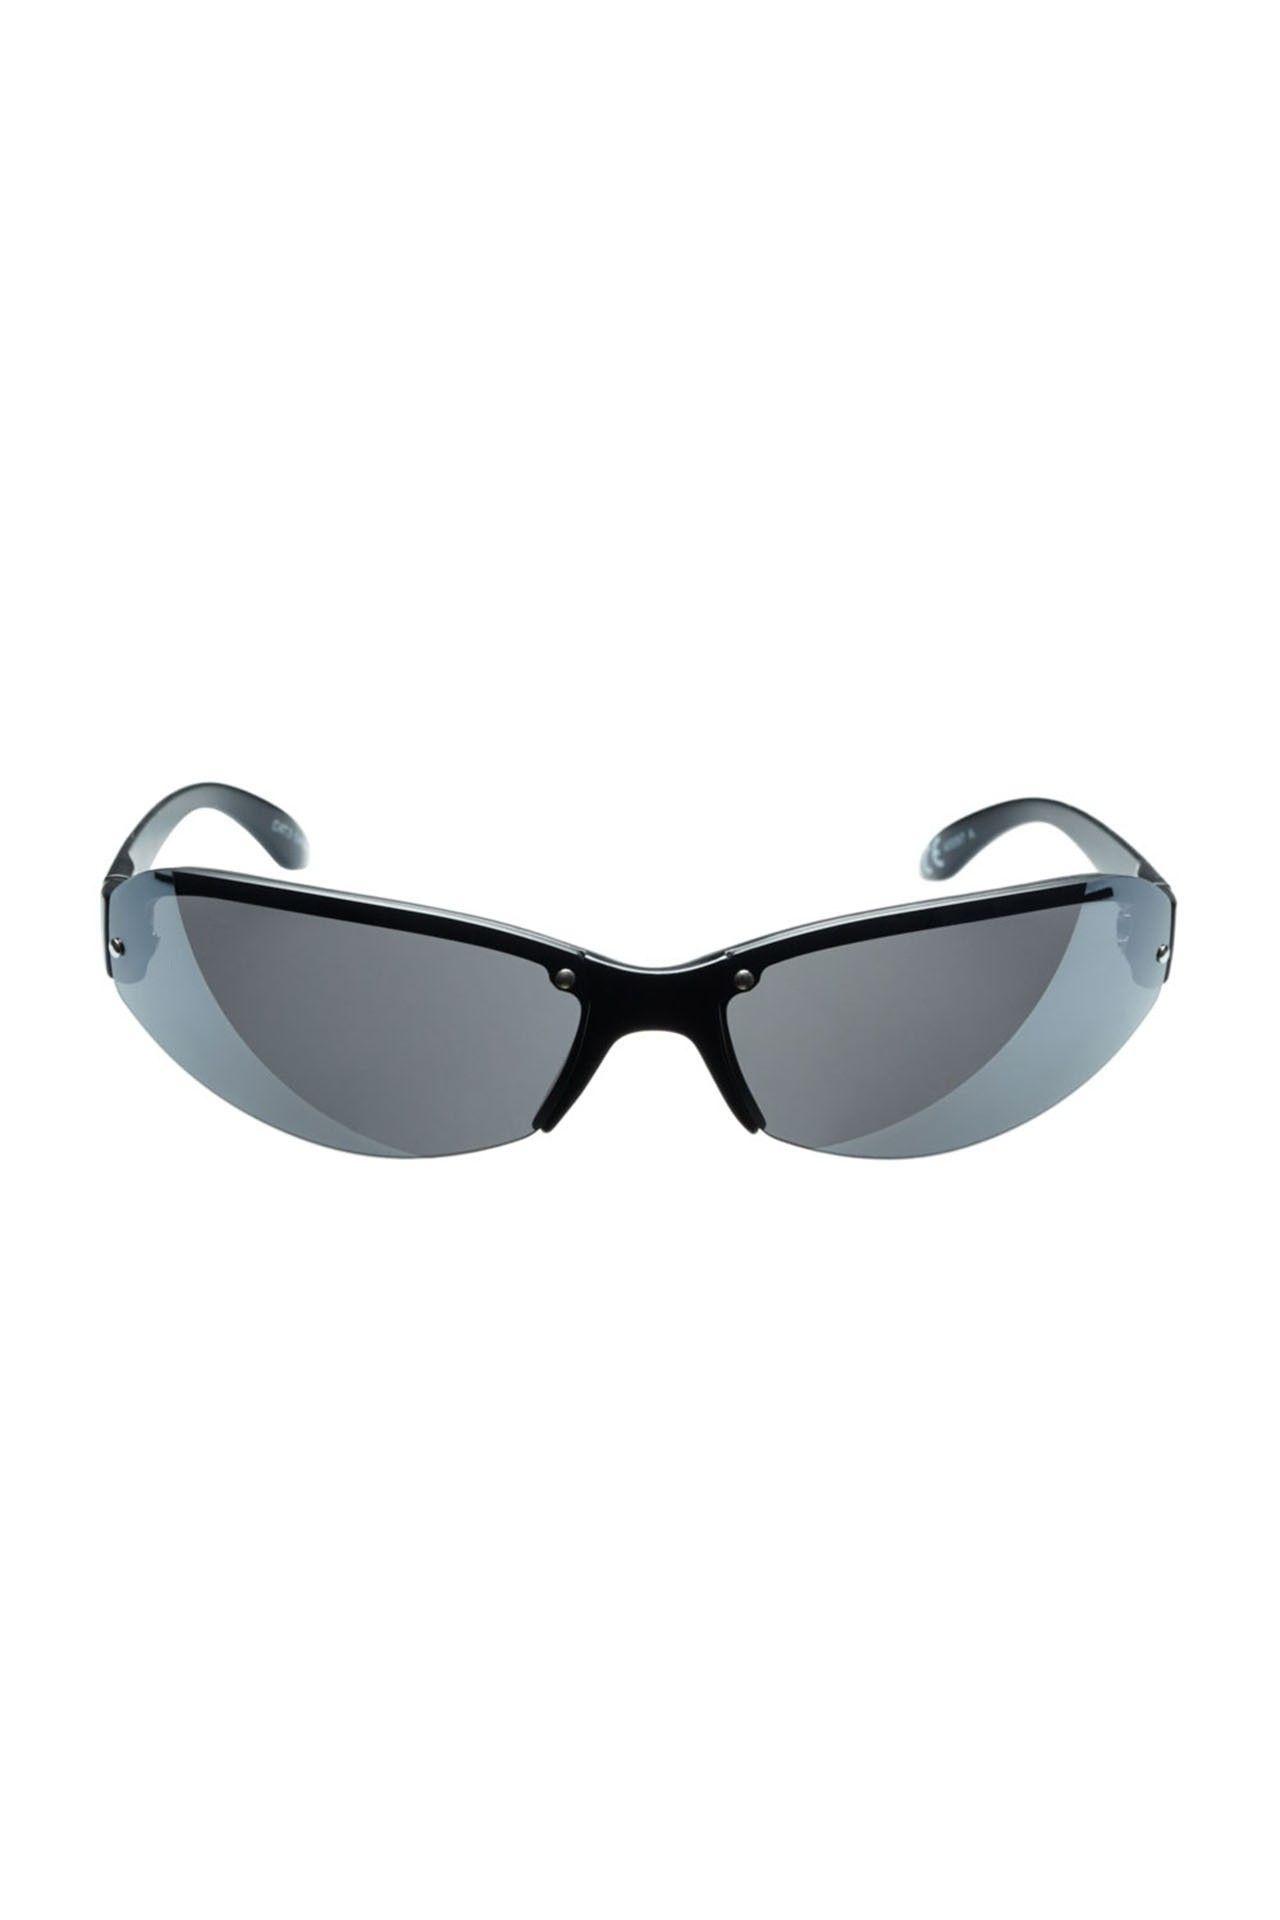 Afbeelding van Icon Eyewear Zonnebril 40097 Matt Black A